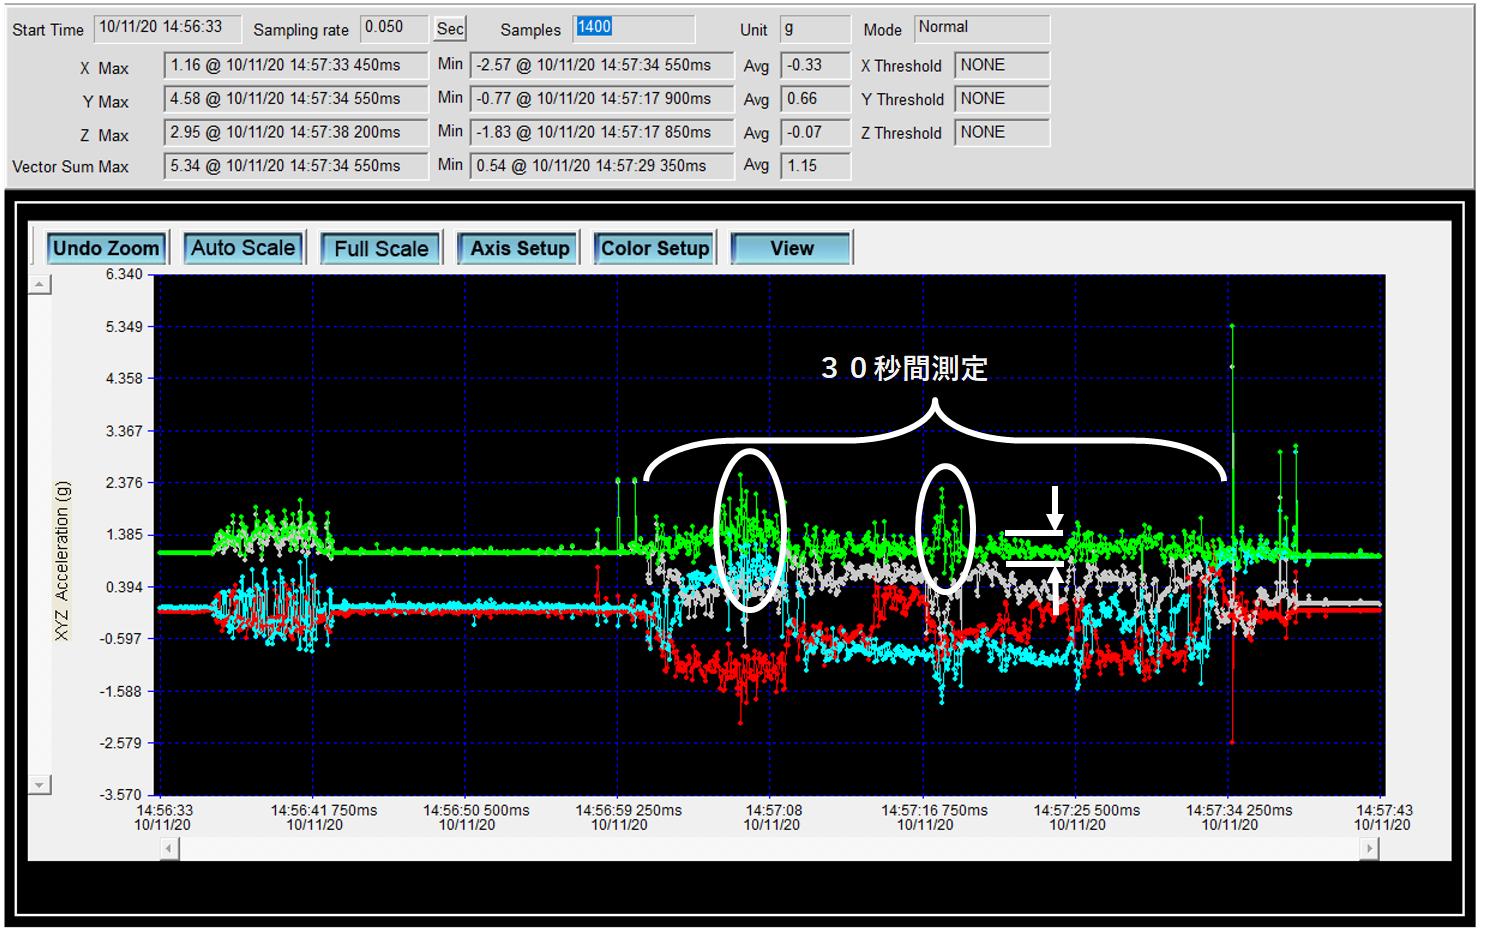 ピジョンの中空式タイヤでのアスファルトでの衝撃、振動の数値データ